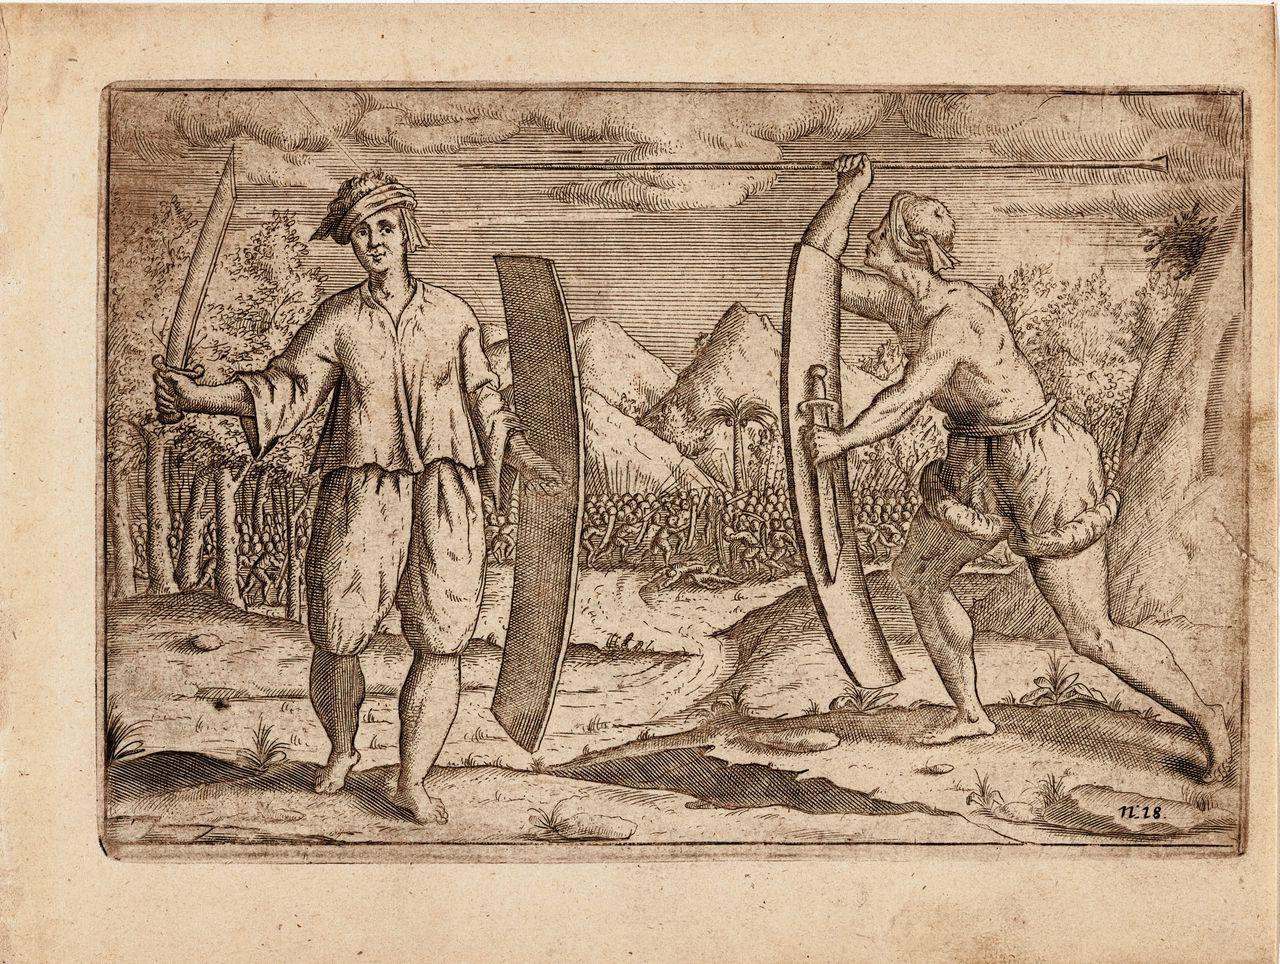 Krijgers van de Banda-eilanden, 1599.